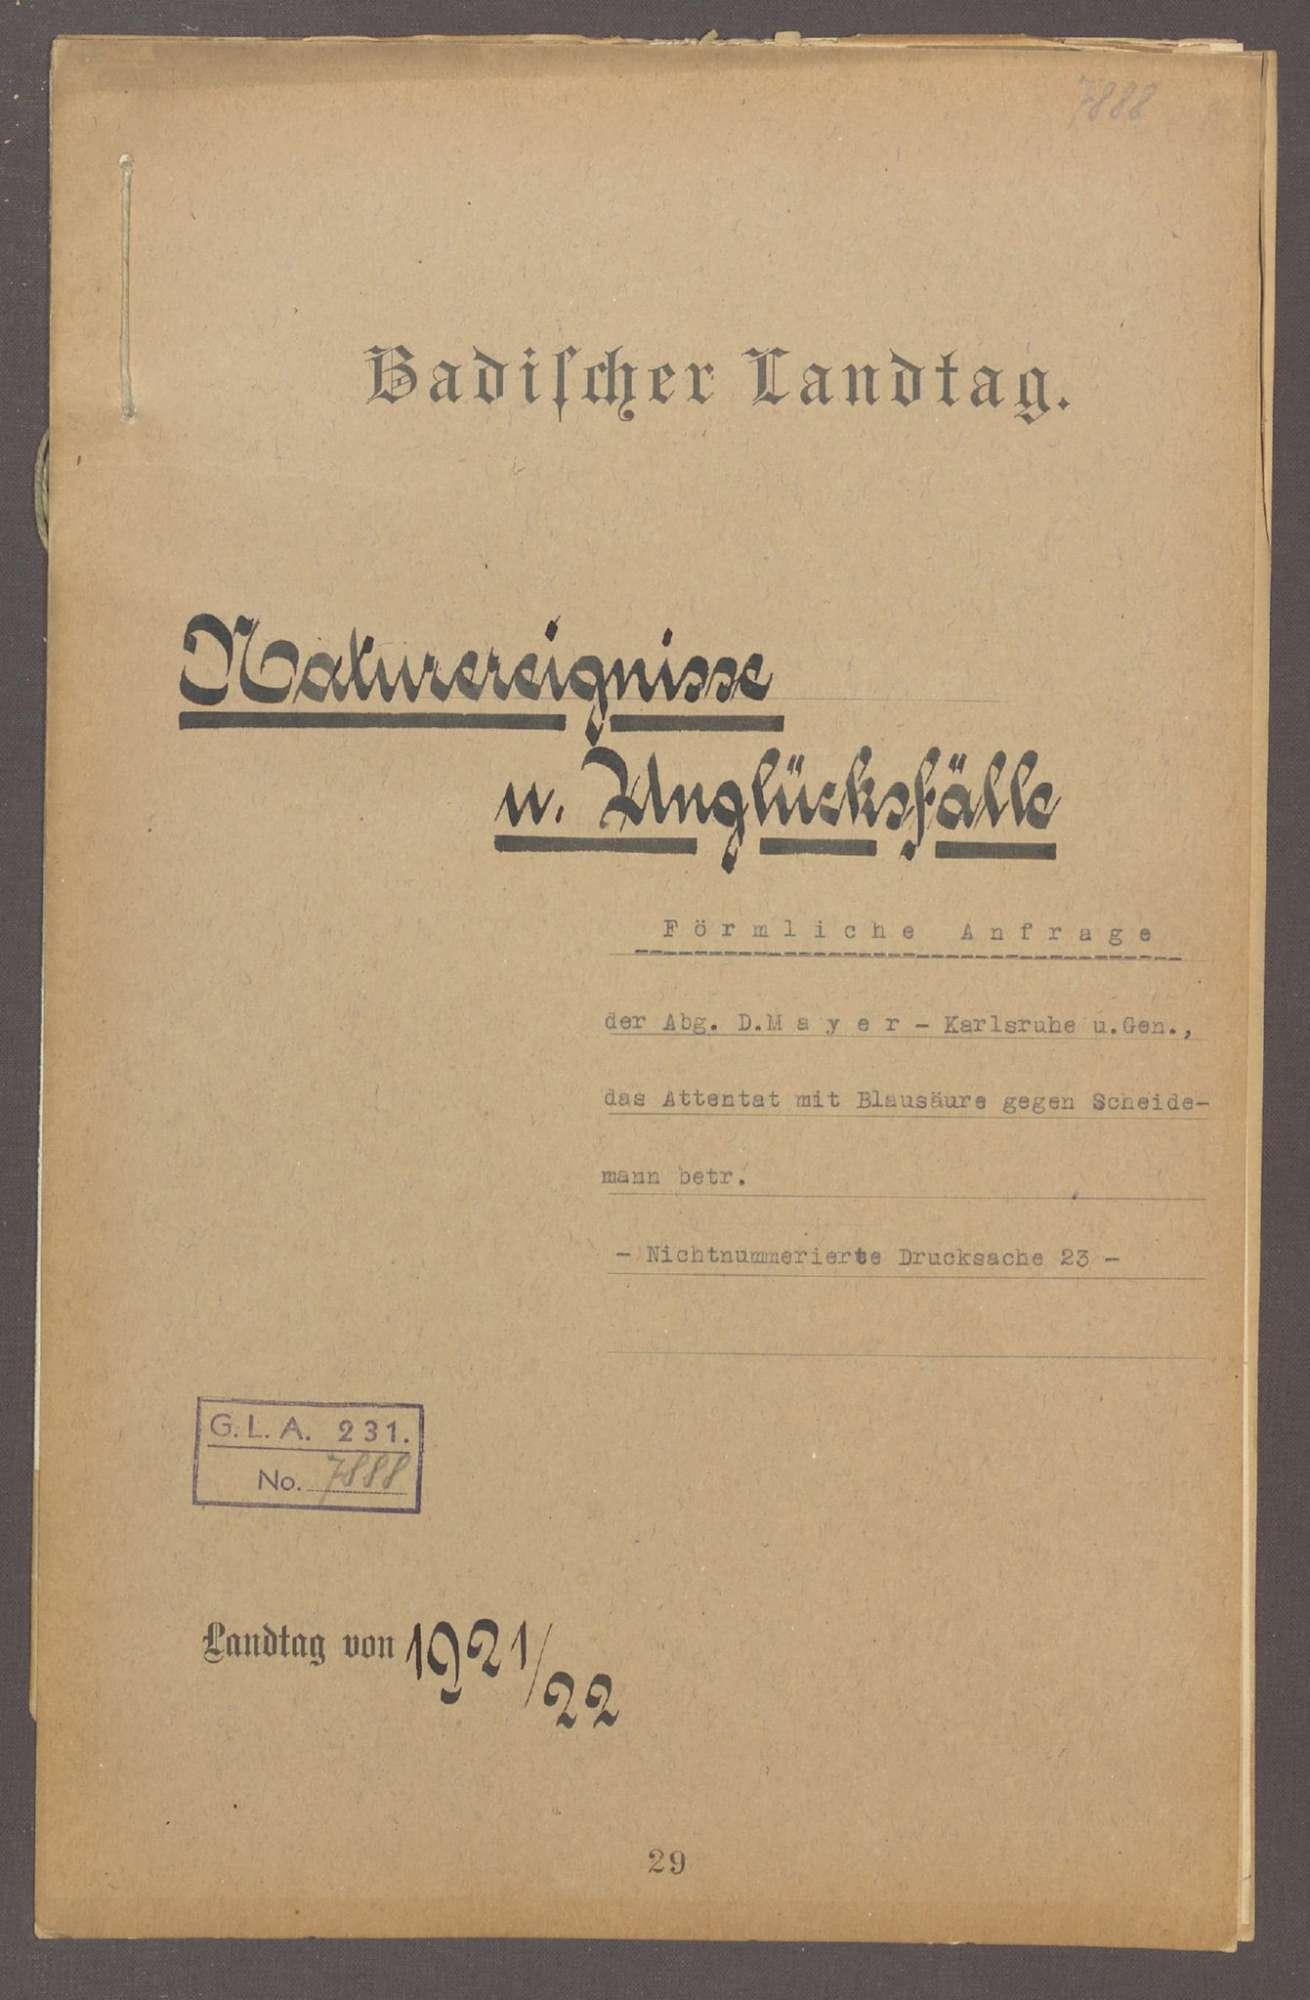 Förmliche Anfrage der Abg. D. Mayer (Karlsruhe) und Gen., das Attentat mit Blausäure gegen Scheidemann betr. -Nichtnumm. Drucks. 23-, Bild 1